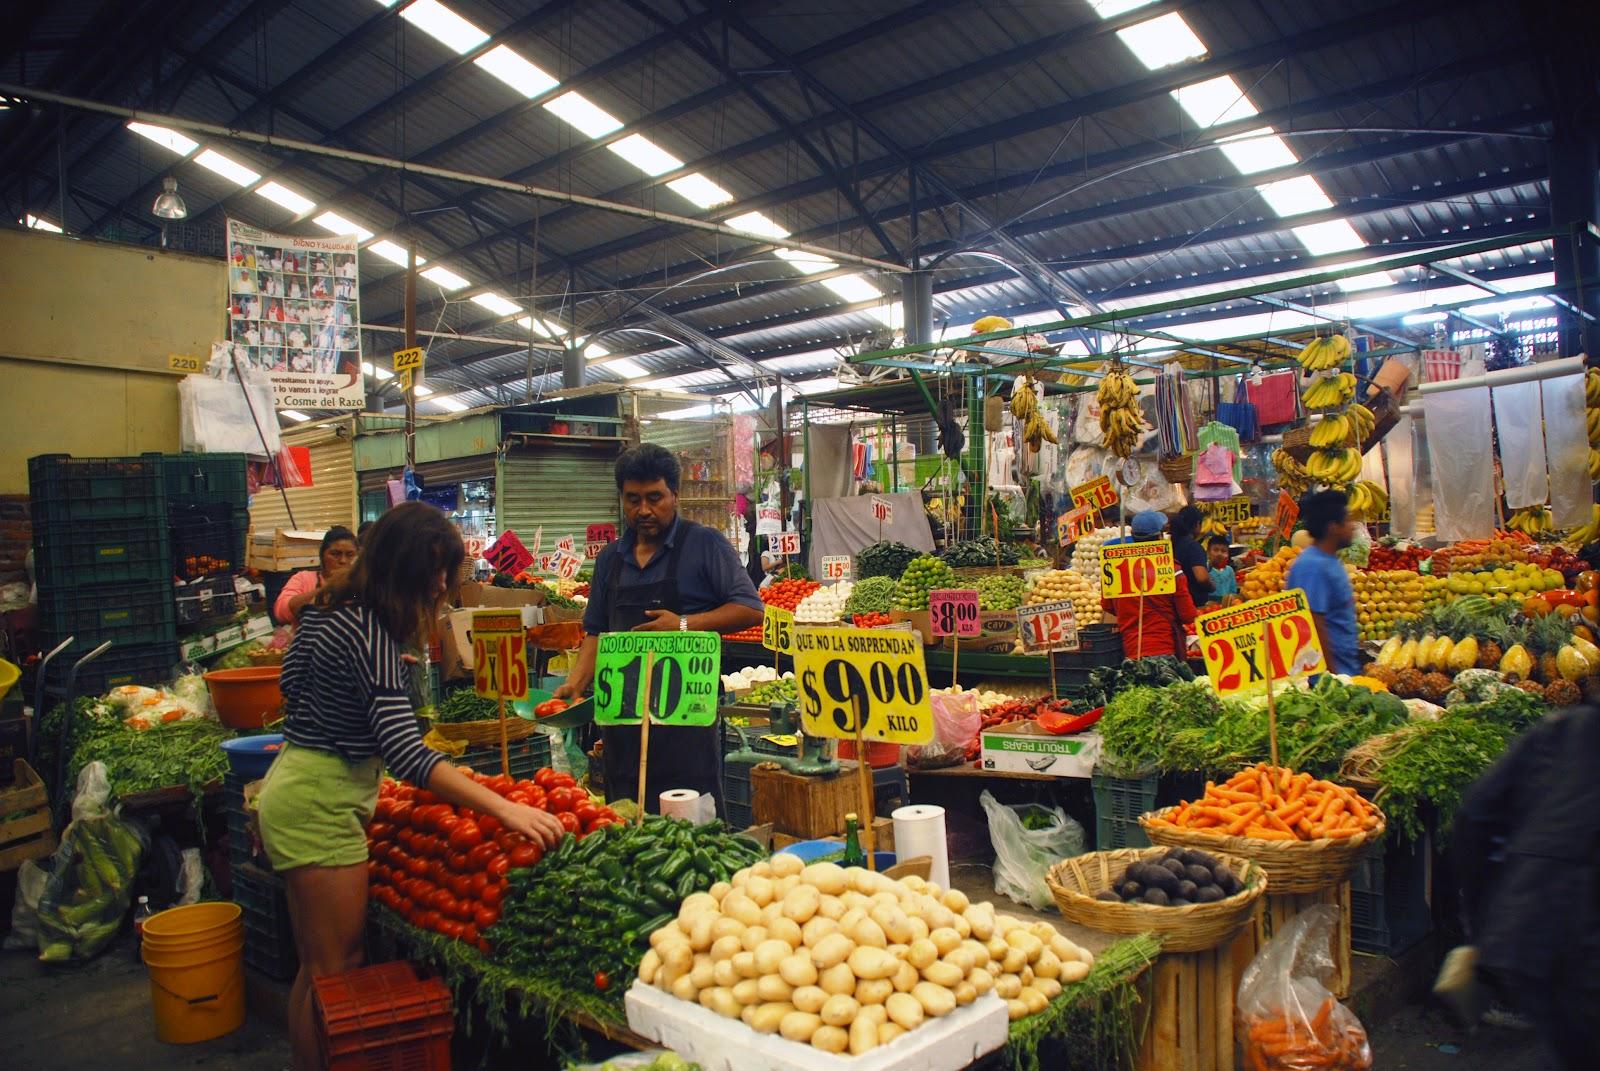 Mercado de San Pedro Cholula